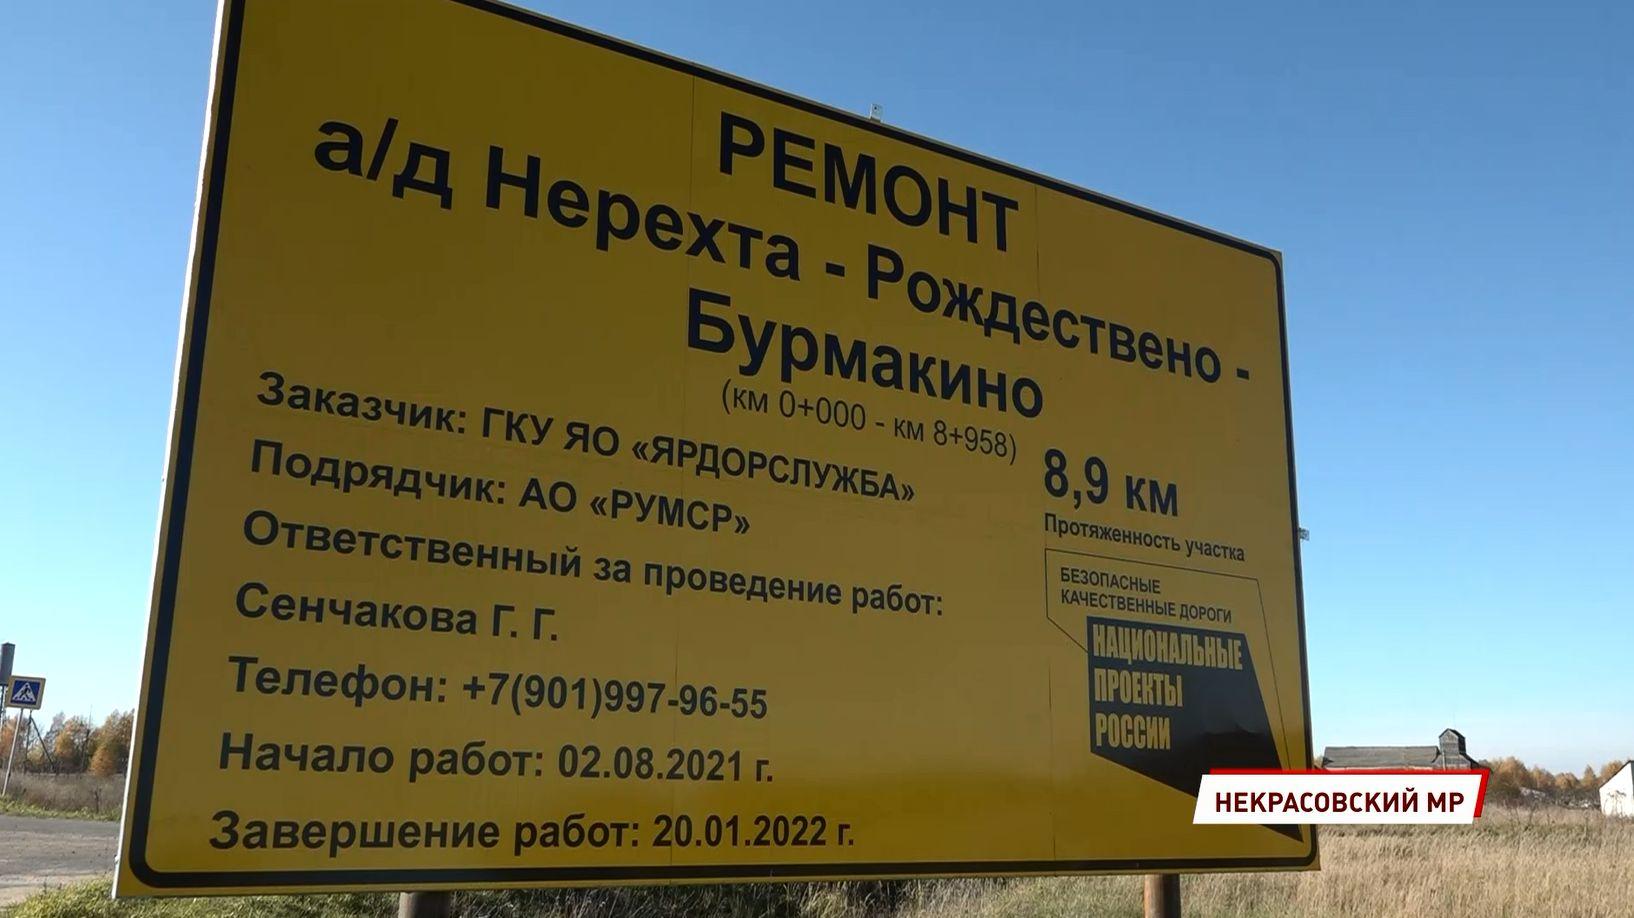 Дорожный участок Нерехта — Рождествено — Бурмакино Ярославской области сдали раньше срока